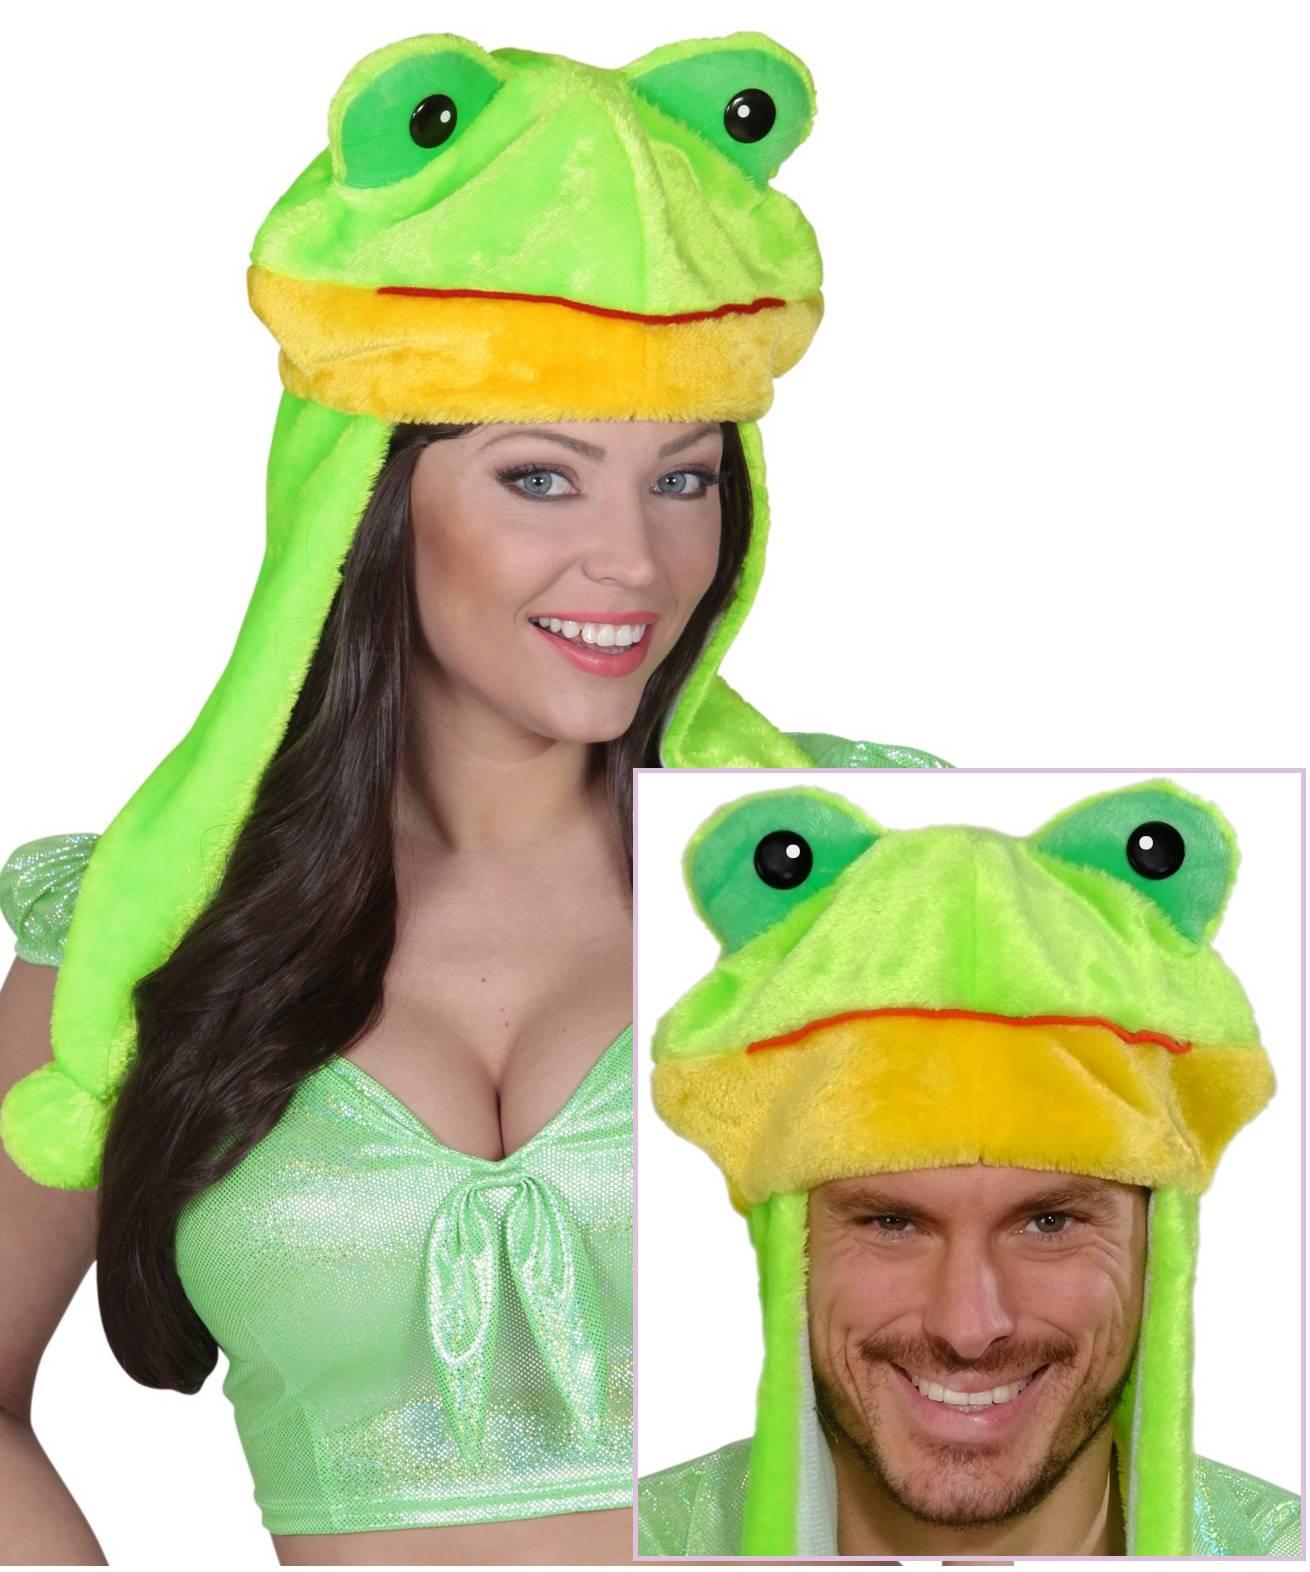 Chapeau-de-grenouille-sur-tête